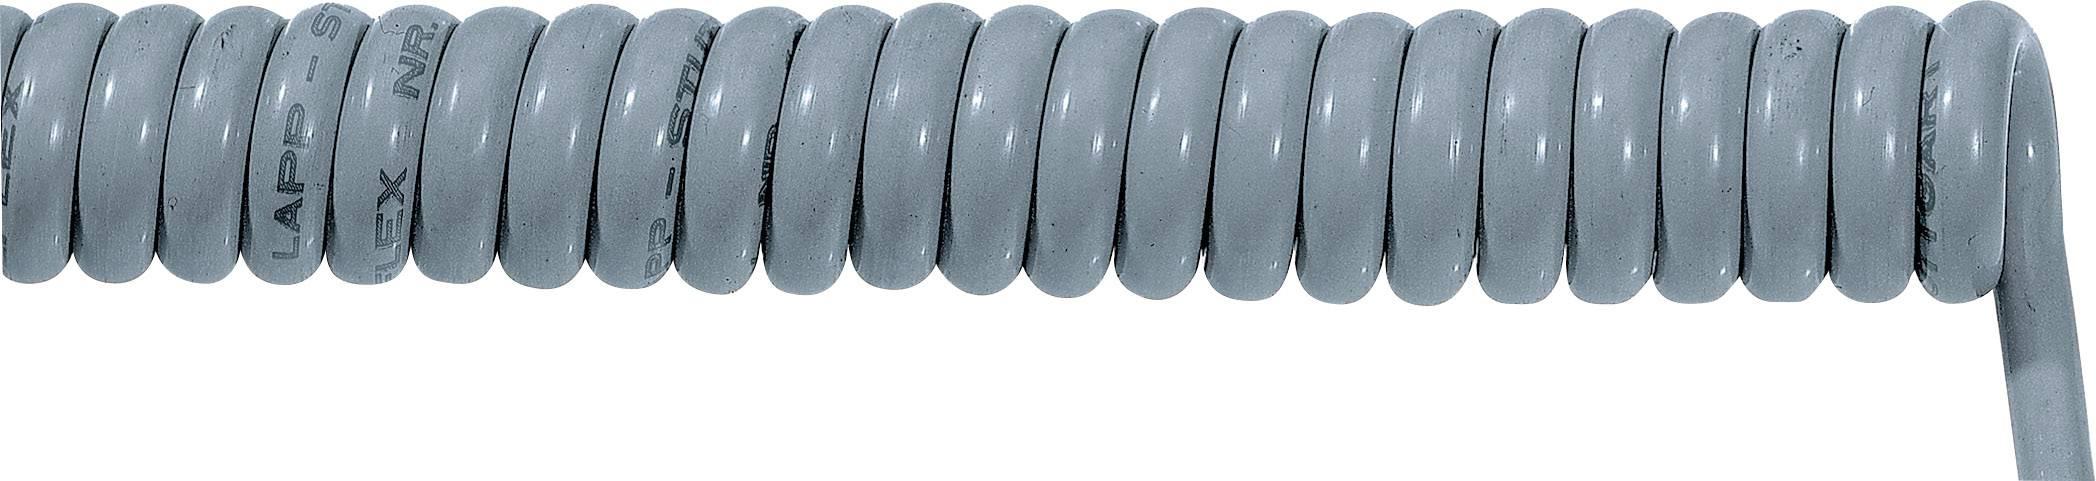 Špirálový kábel 70002658 ÖLFLEX® SPIRAL 400 P 4 x 1 mm², 1500 mm / 4500 mm, sivá